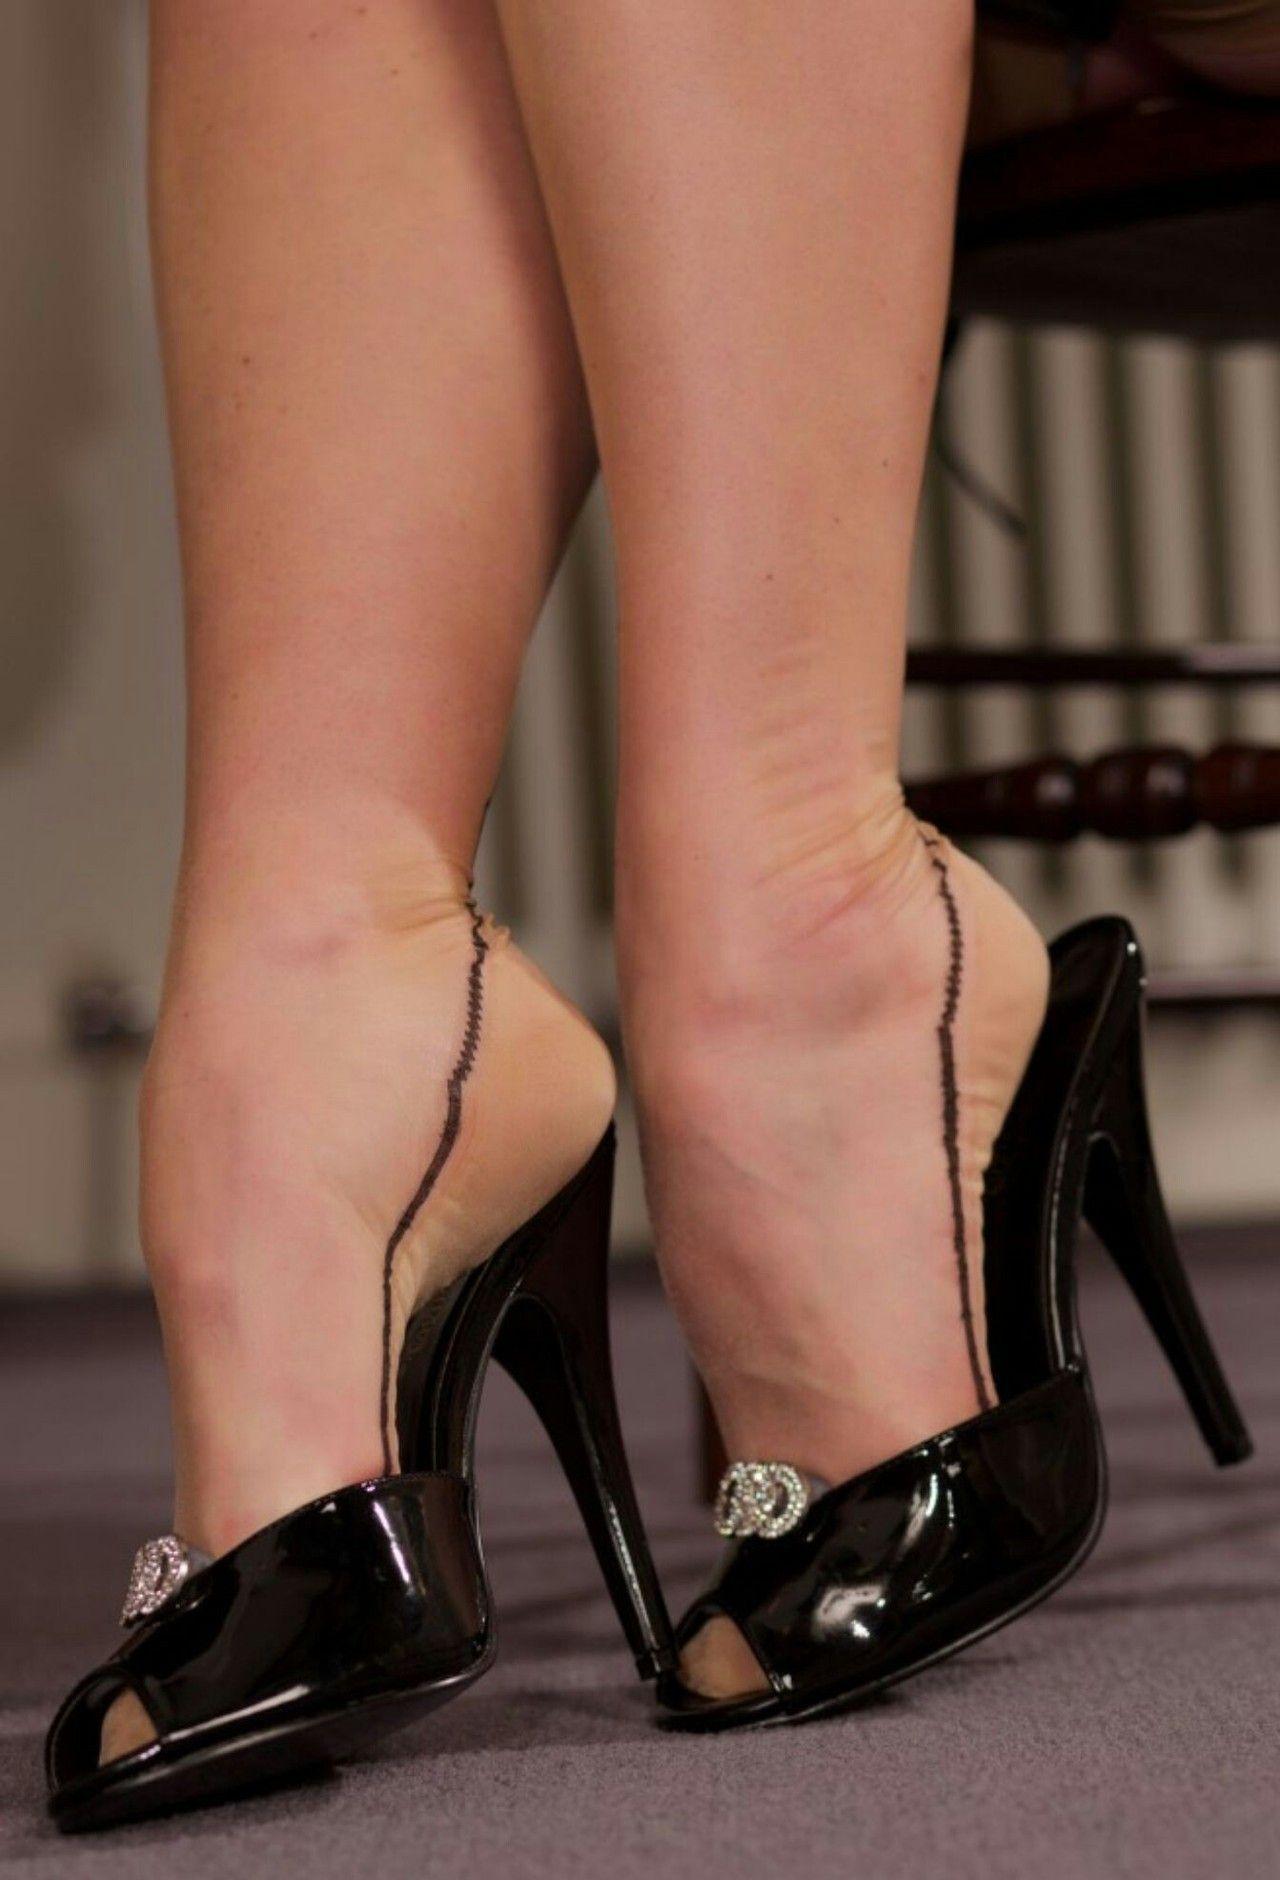 Zapatillas, Tacones, Zapatos Mules, Chatas, Zapatos De Tacón Negros,  Satinado Negro, Zapatos De Señoras, Pies Sexy, Medias De Nailon